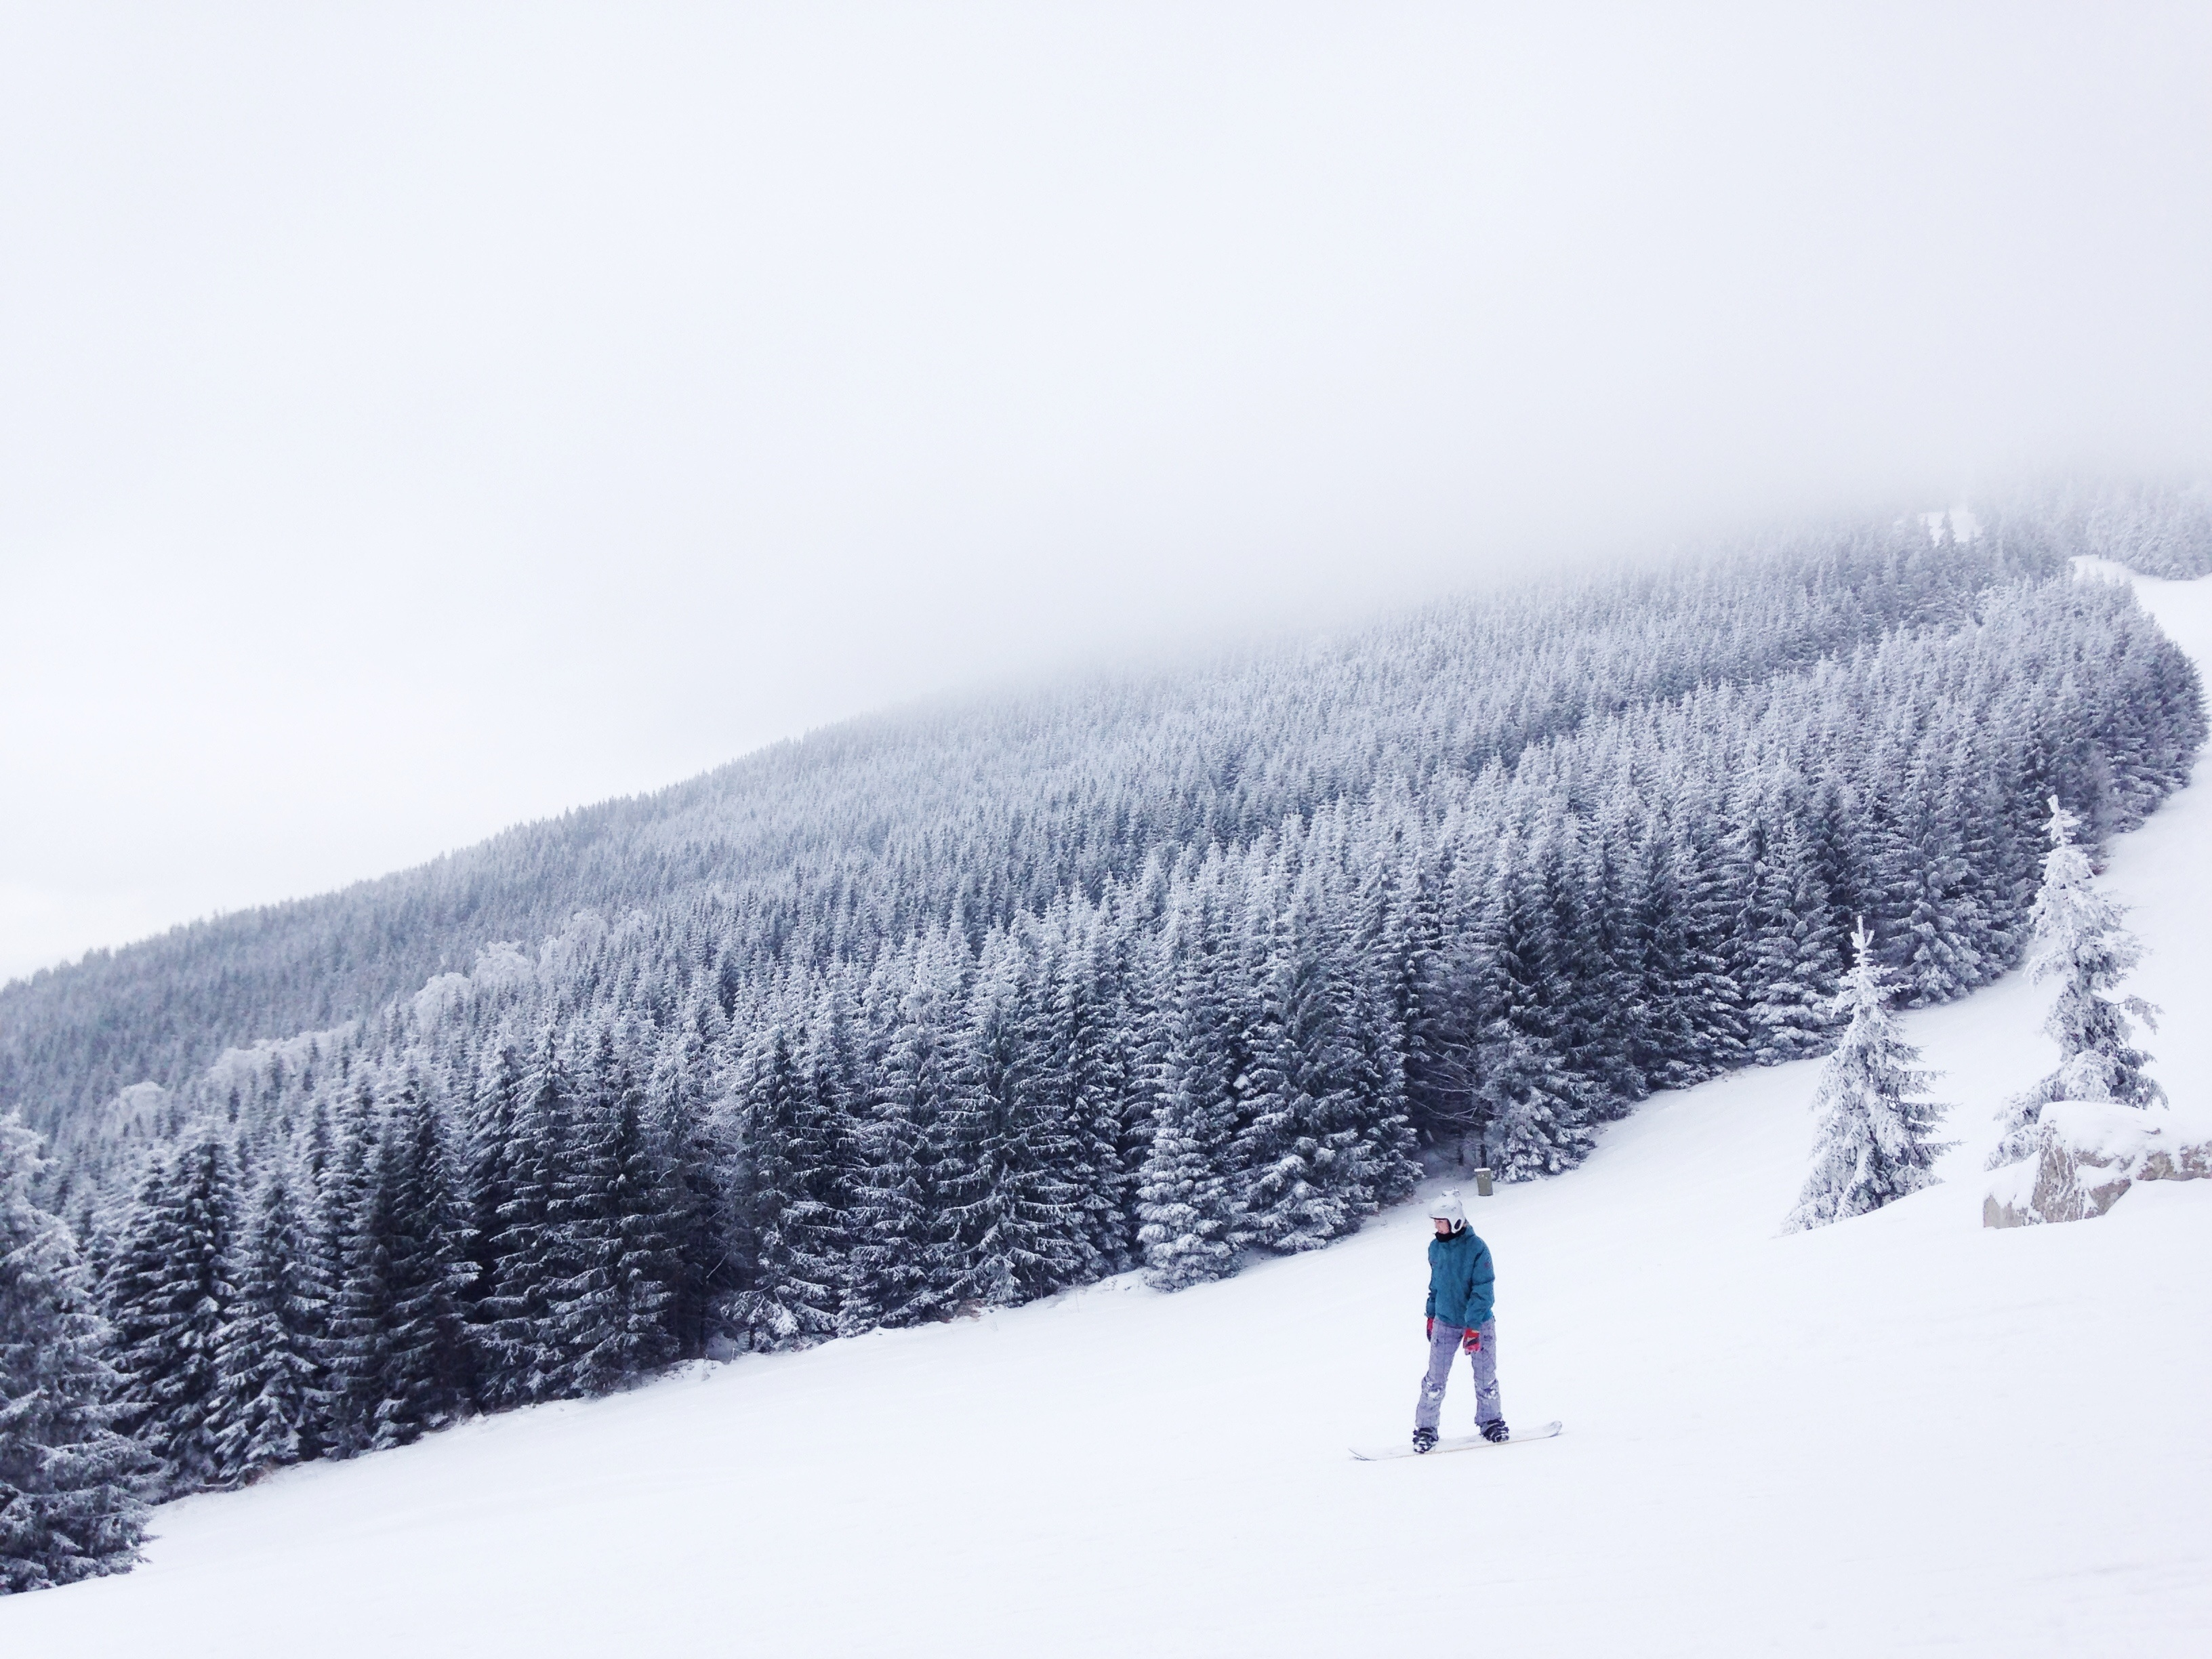 Snowboard en la nieve ,fotos de Tomas Kodydek, a través de unsplash